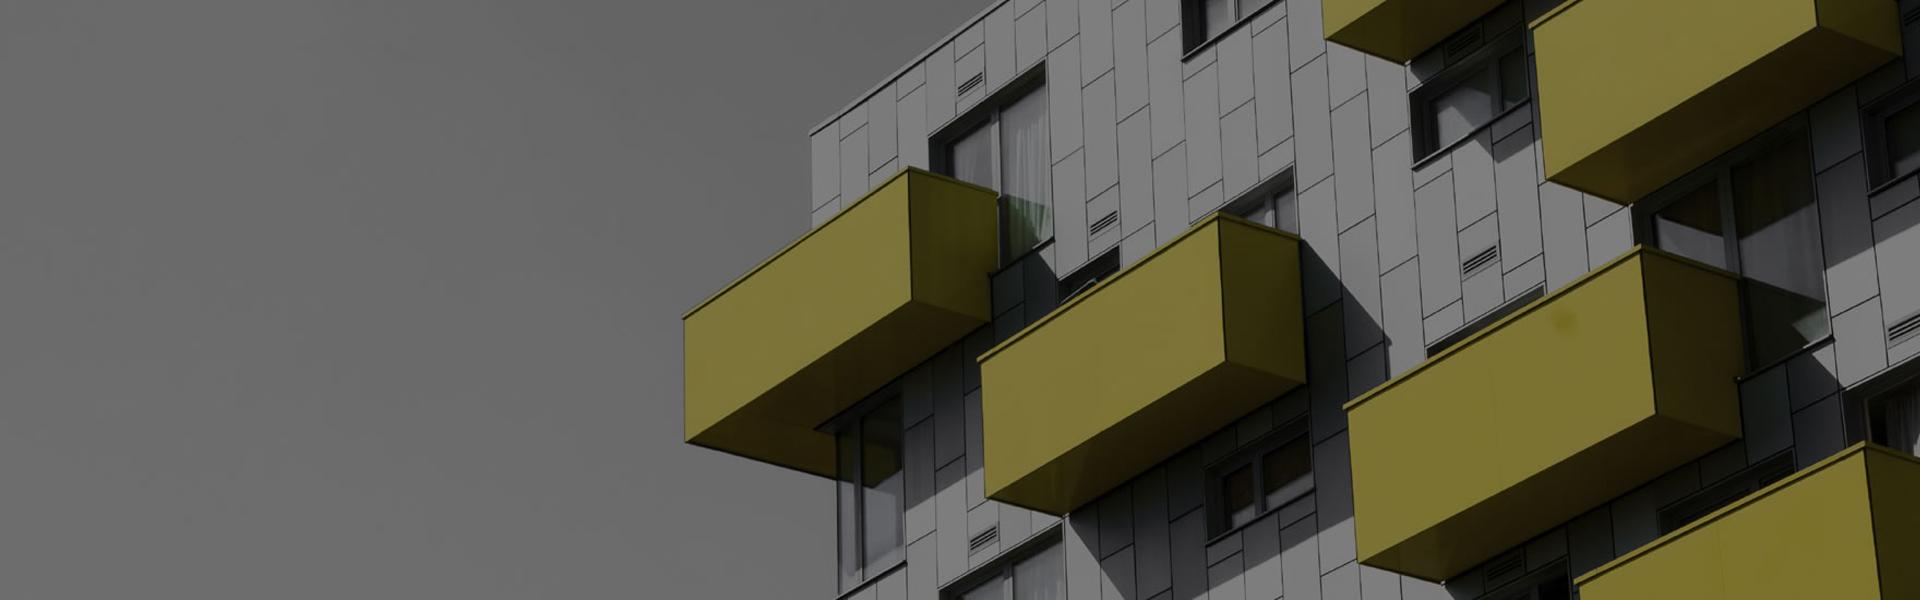 Reformas_y_construcciones_GM_pontevedra_06